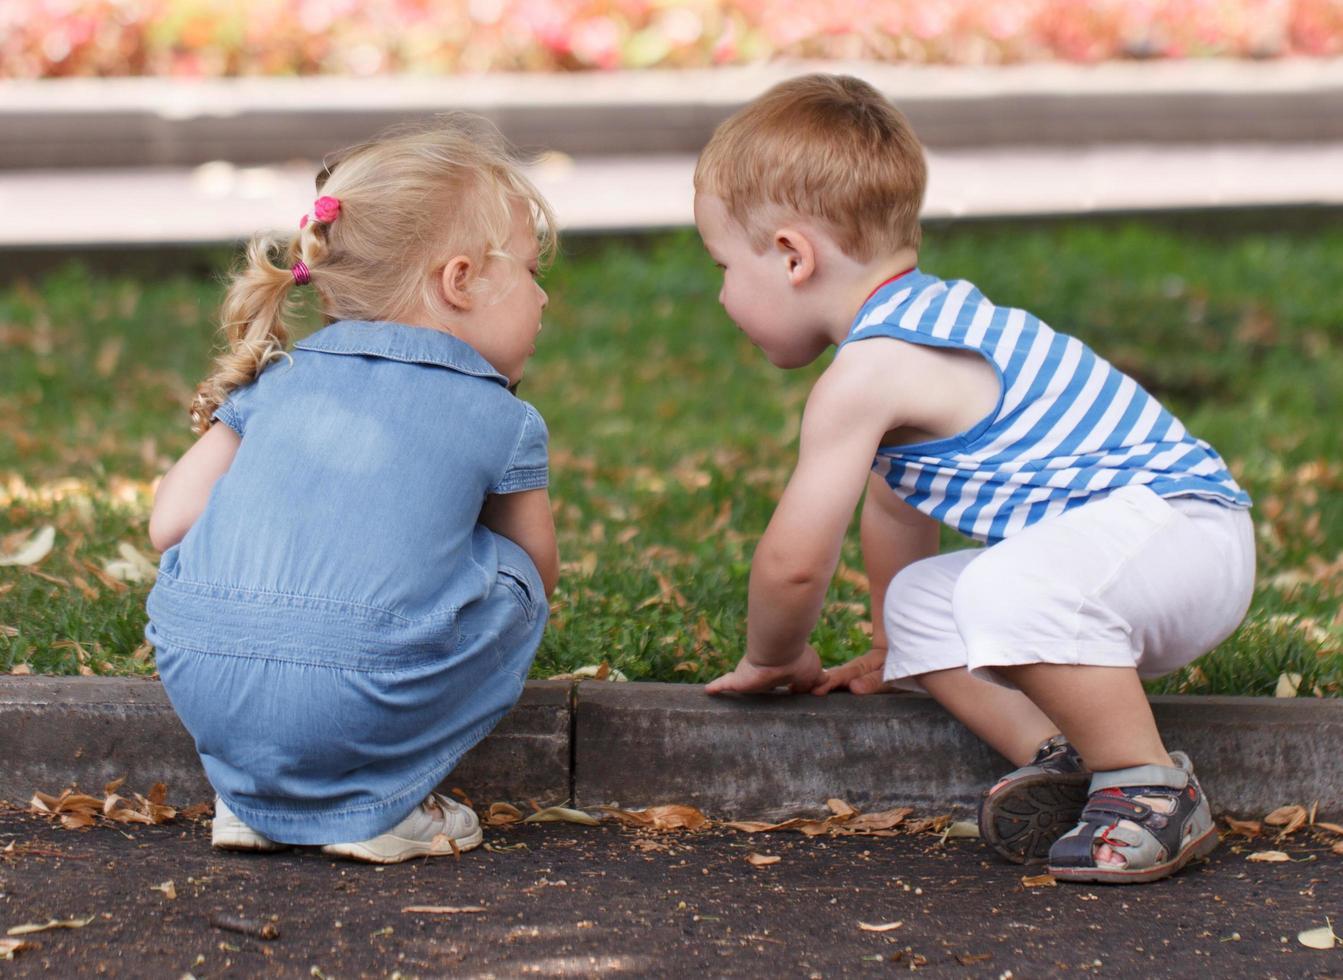 niña y niño jugando afuera foto